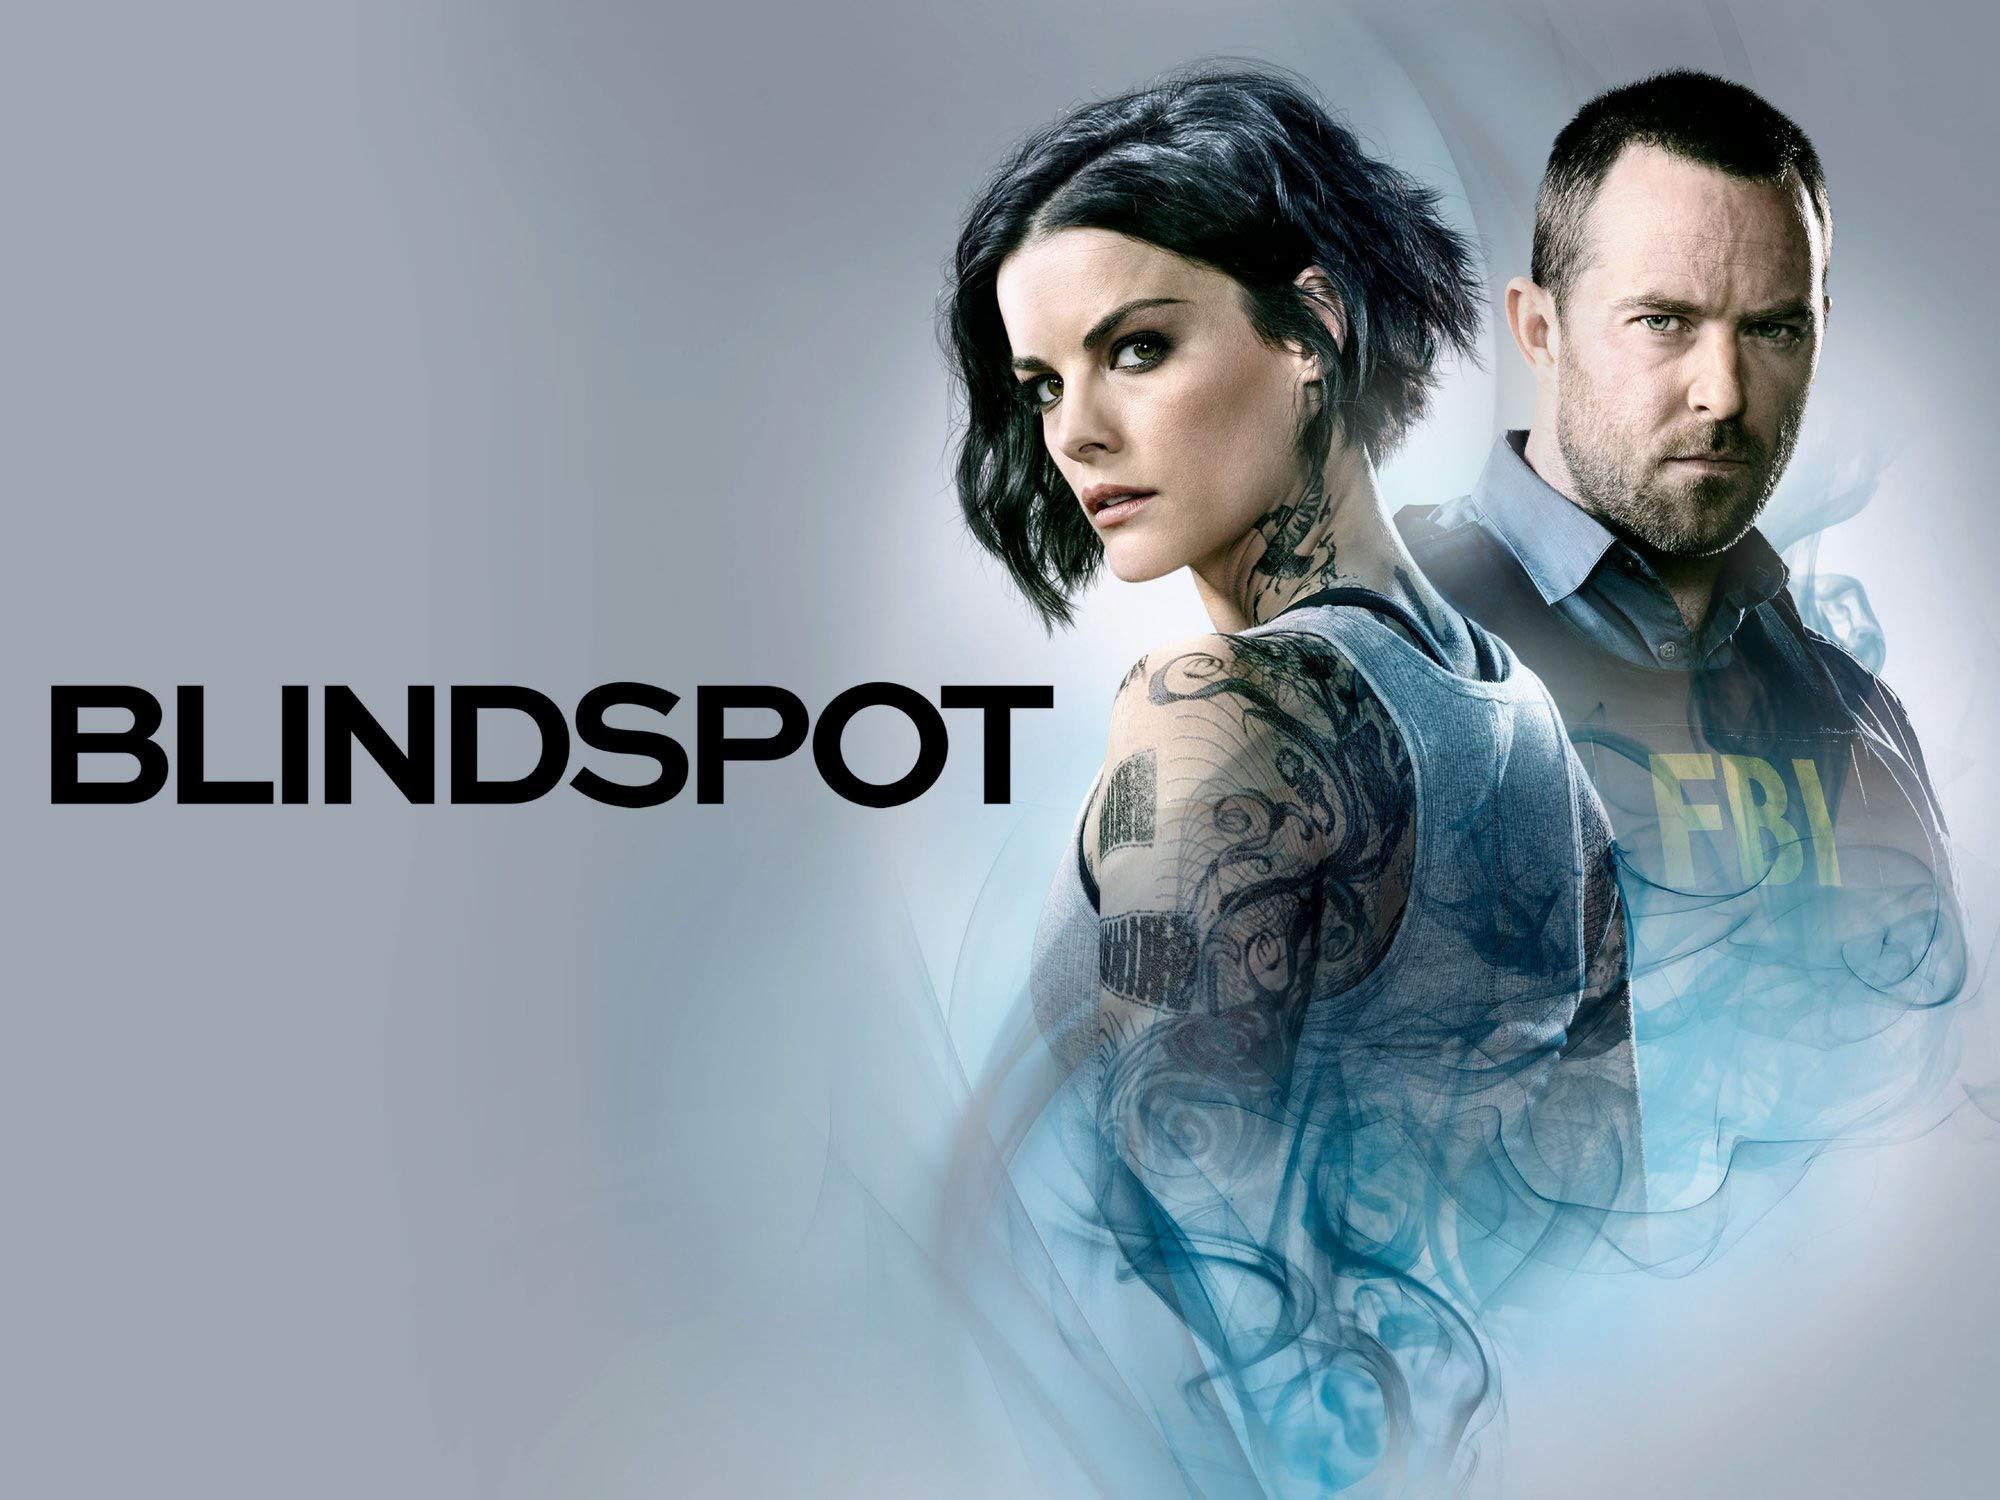 watch blindspot season 2 online free